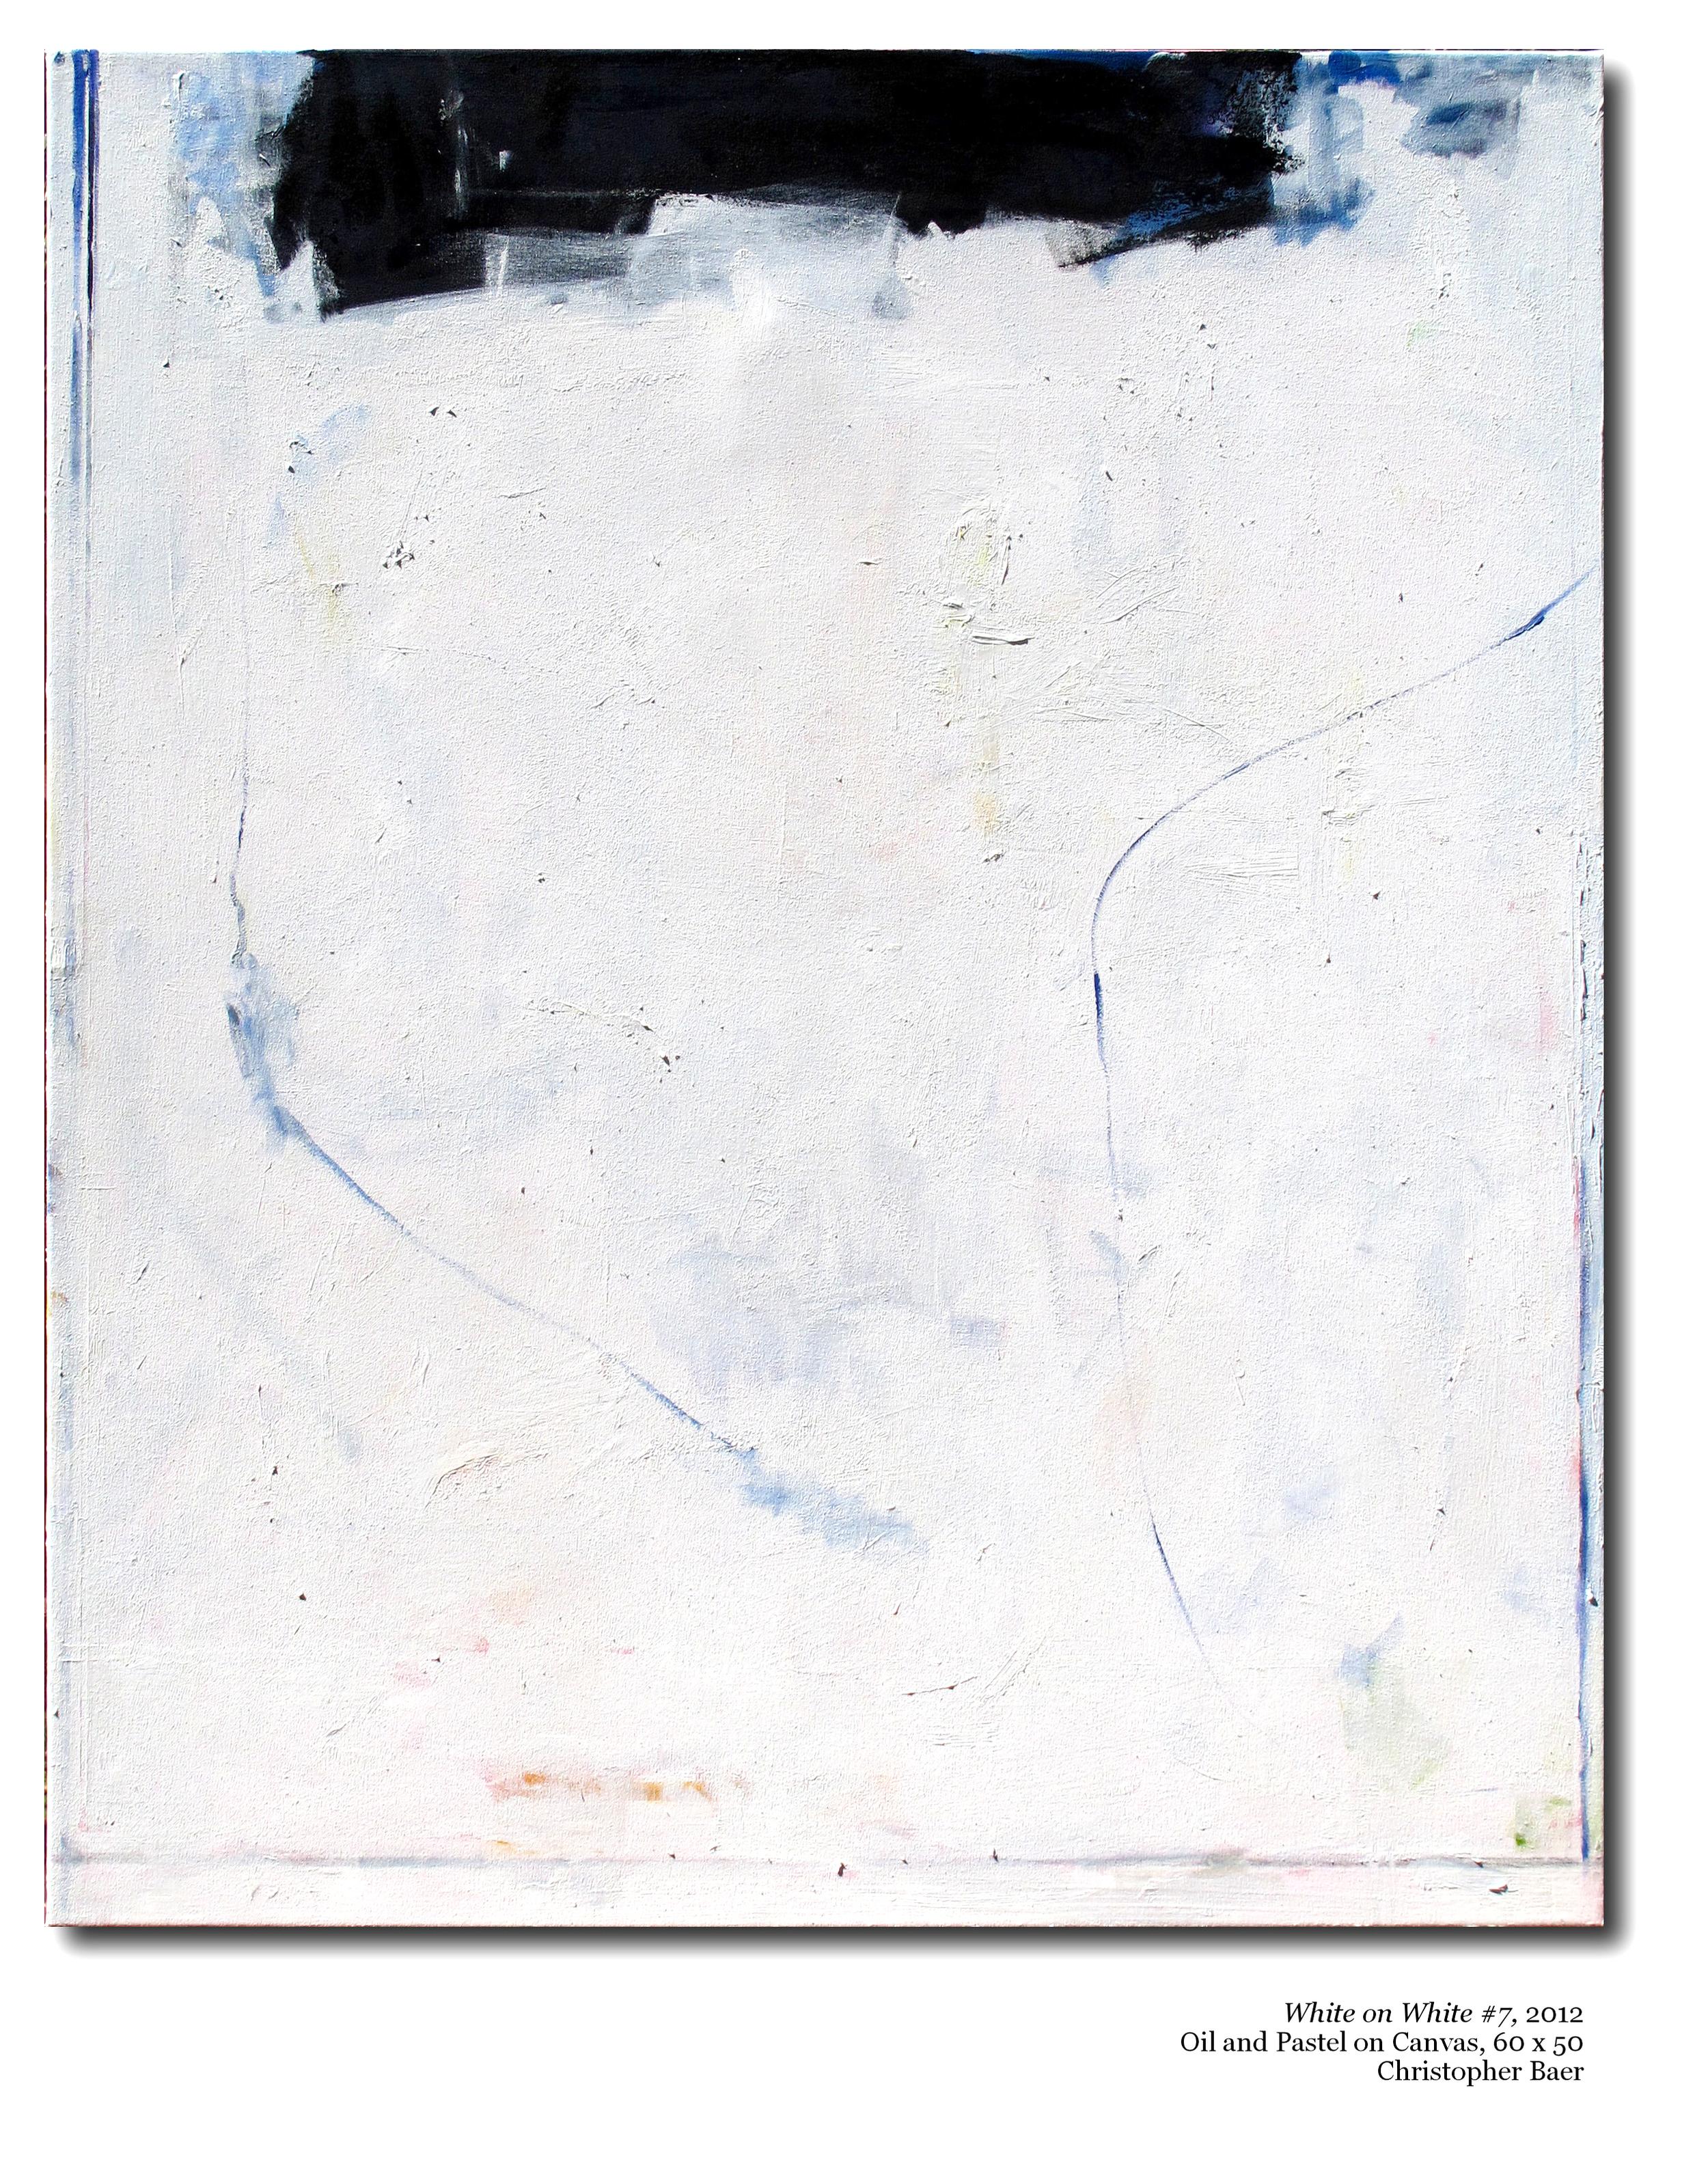 007.WhiteonWhite 2012 60x50.jpg